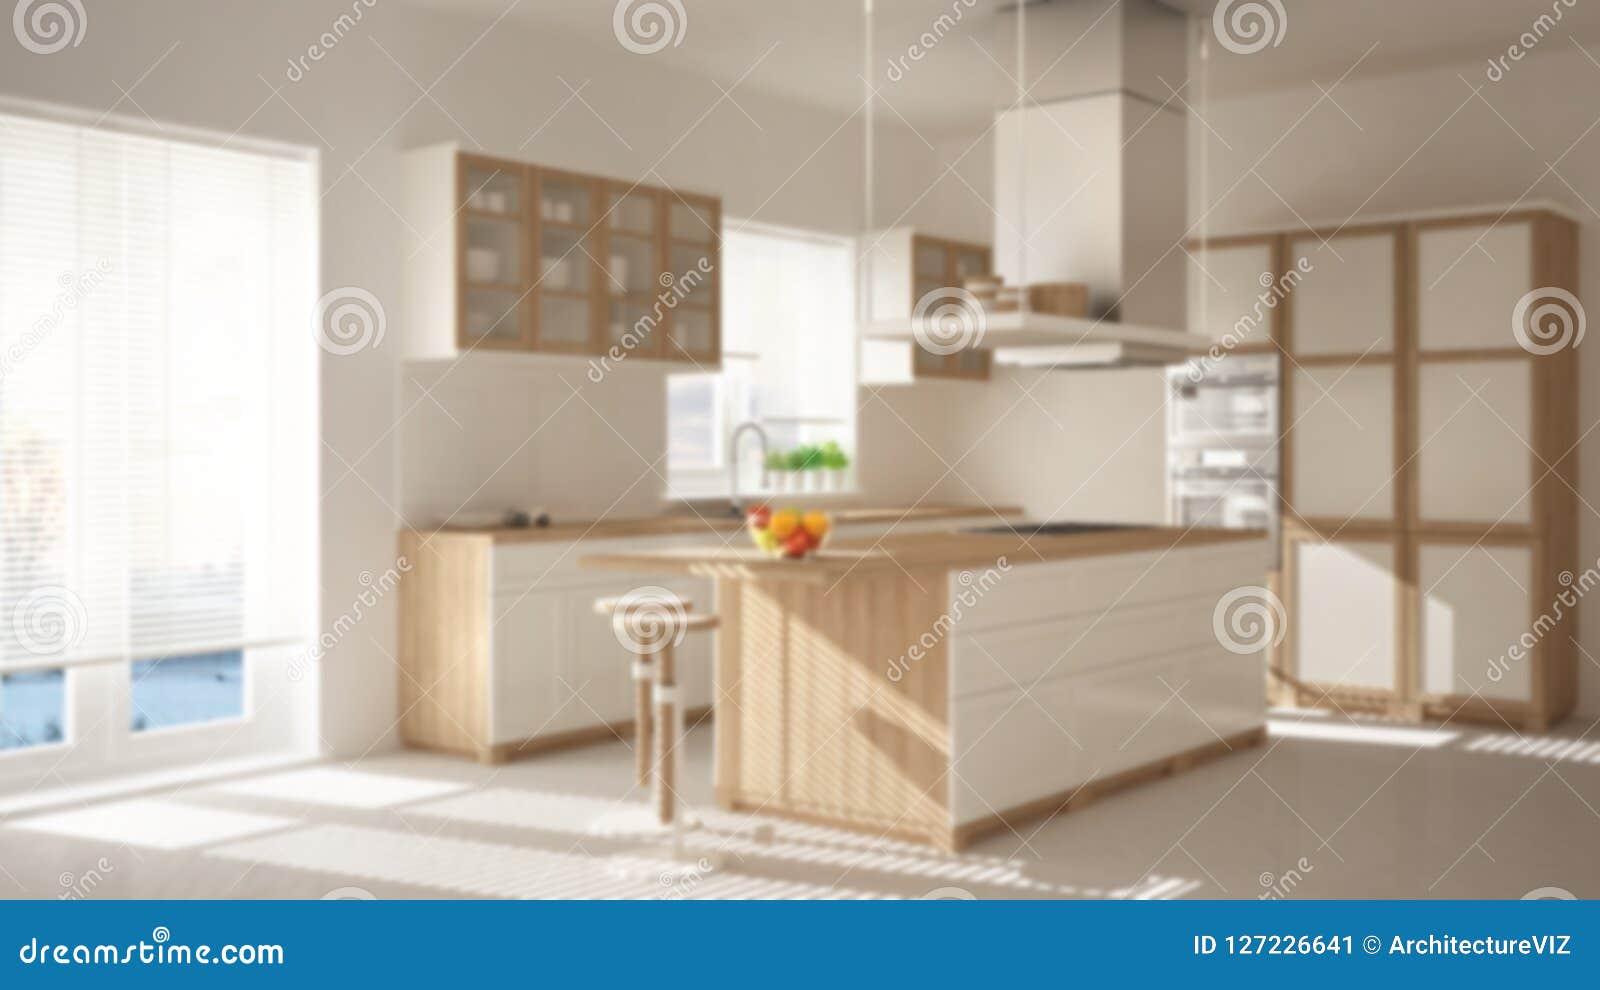 Strange Blur Background Interior Design Modern Wooden And White Machost Co Dining Chair Design Ideas Machostcouk